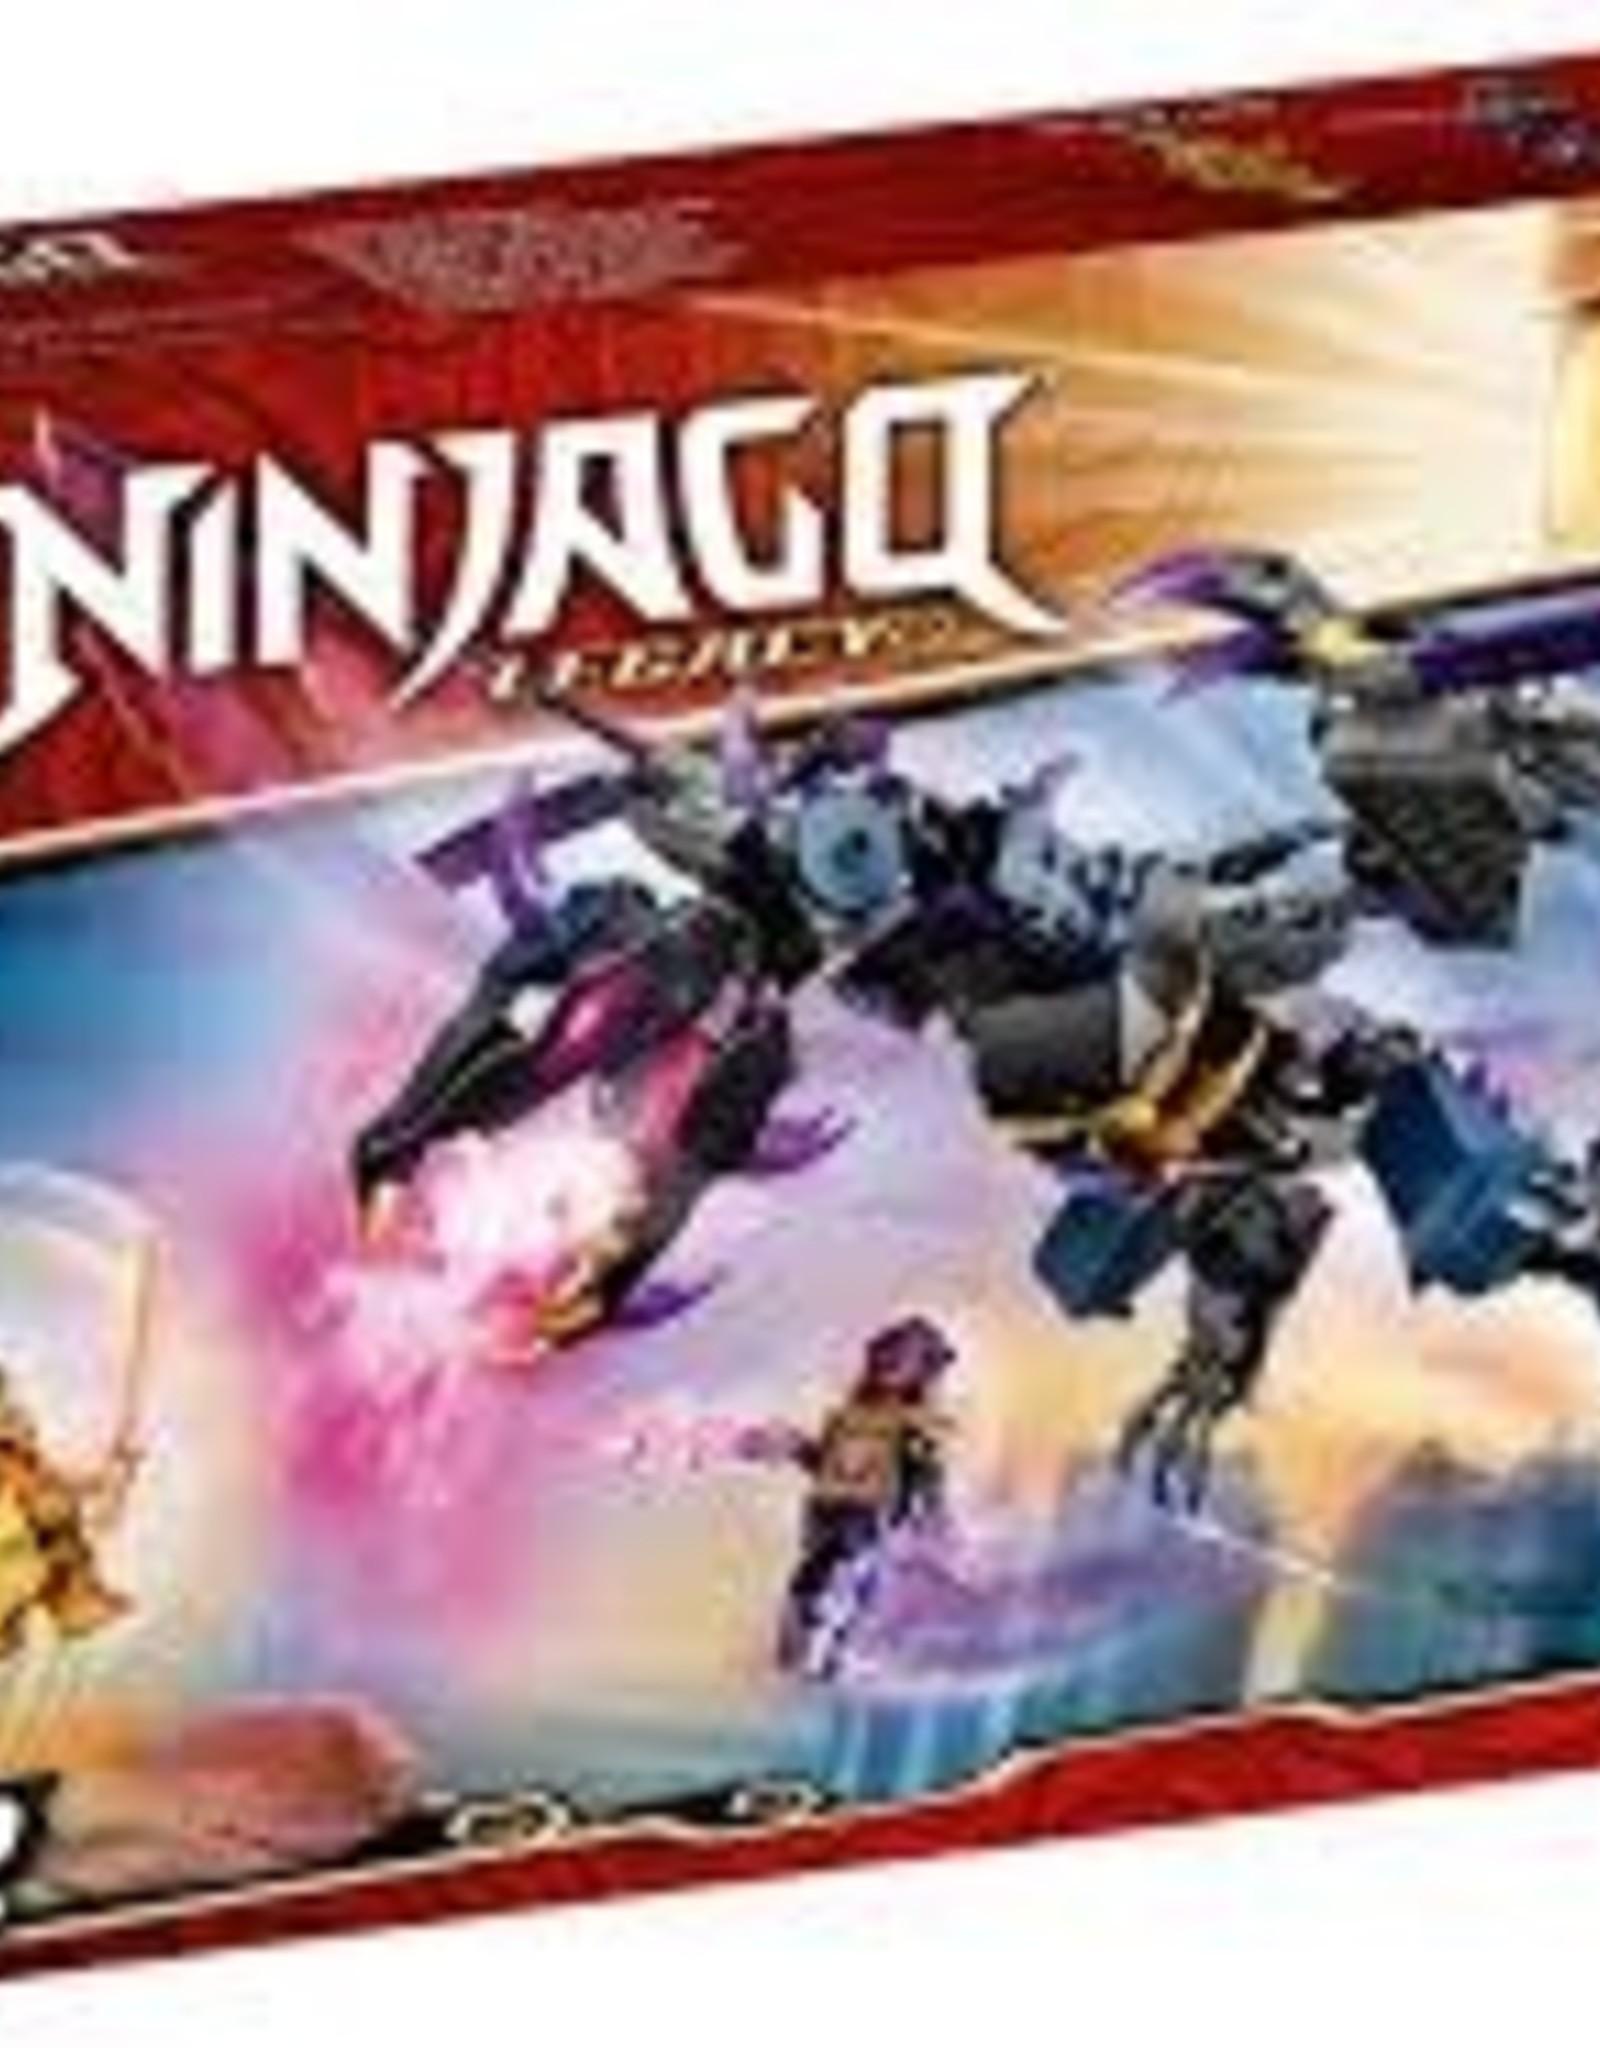 Ninjago Overlord Dragon